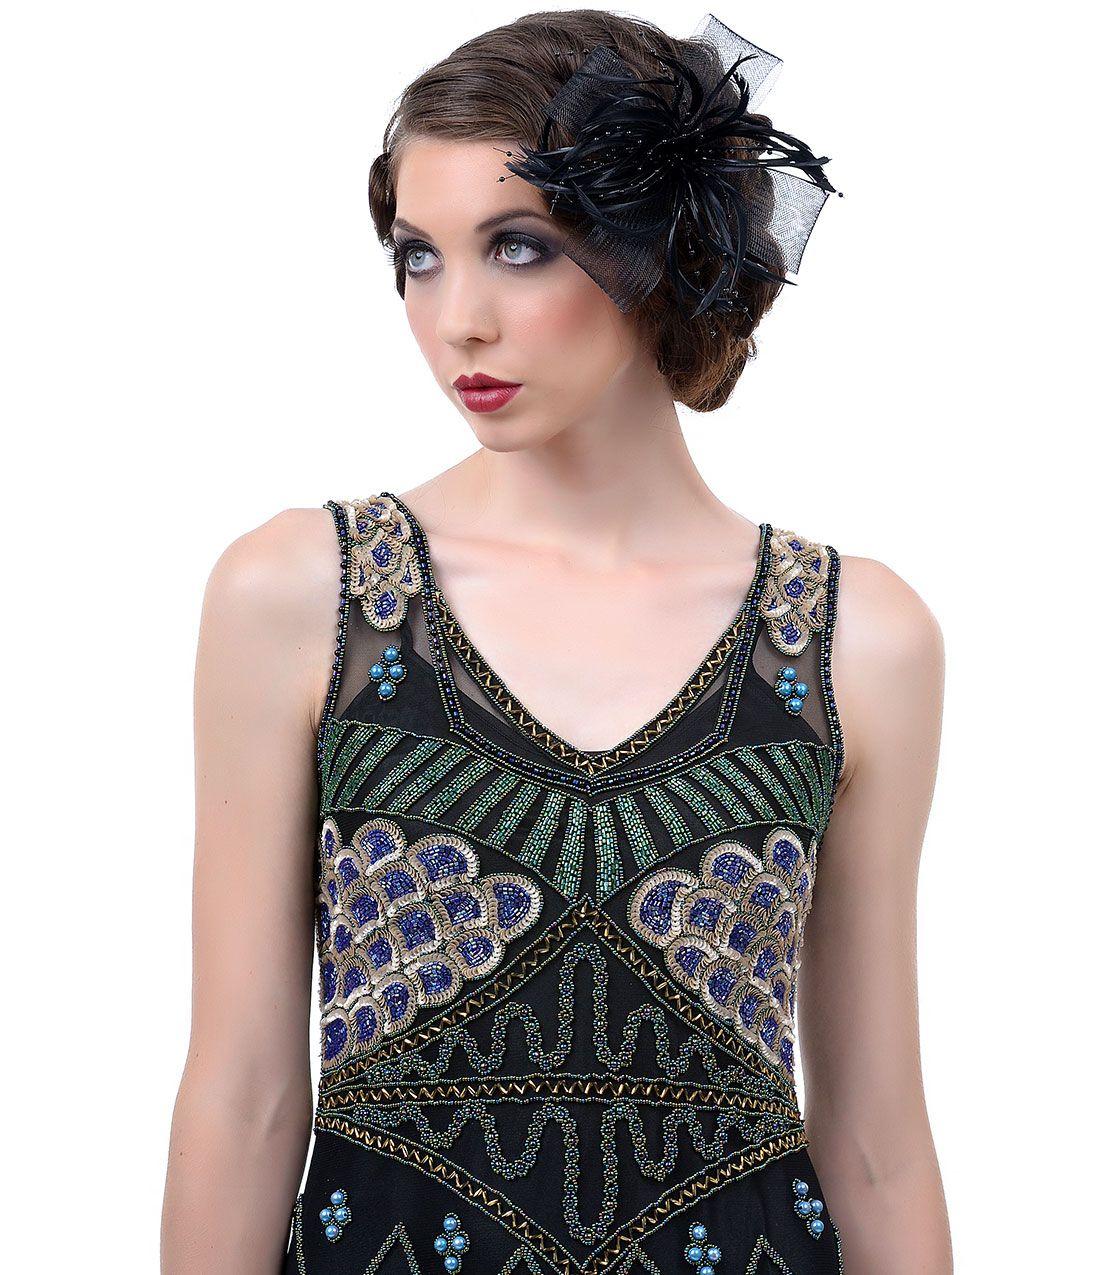 Black feather net u bead fascinator headband unique vintage prom